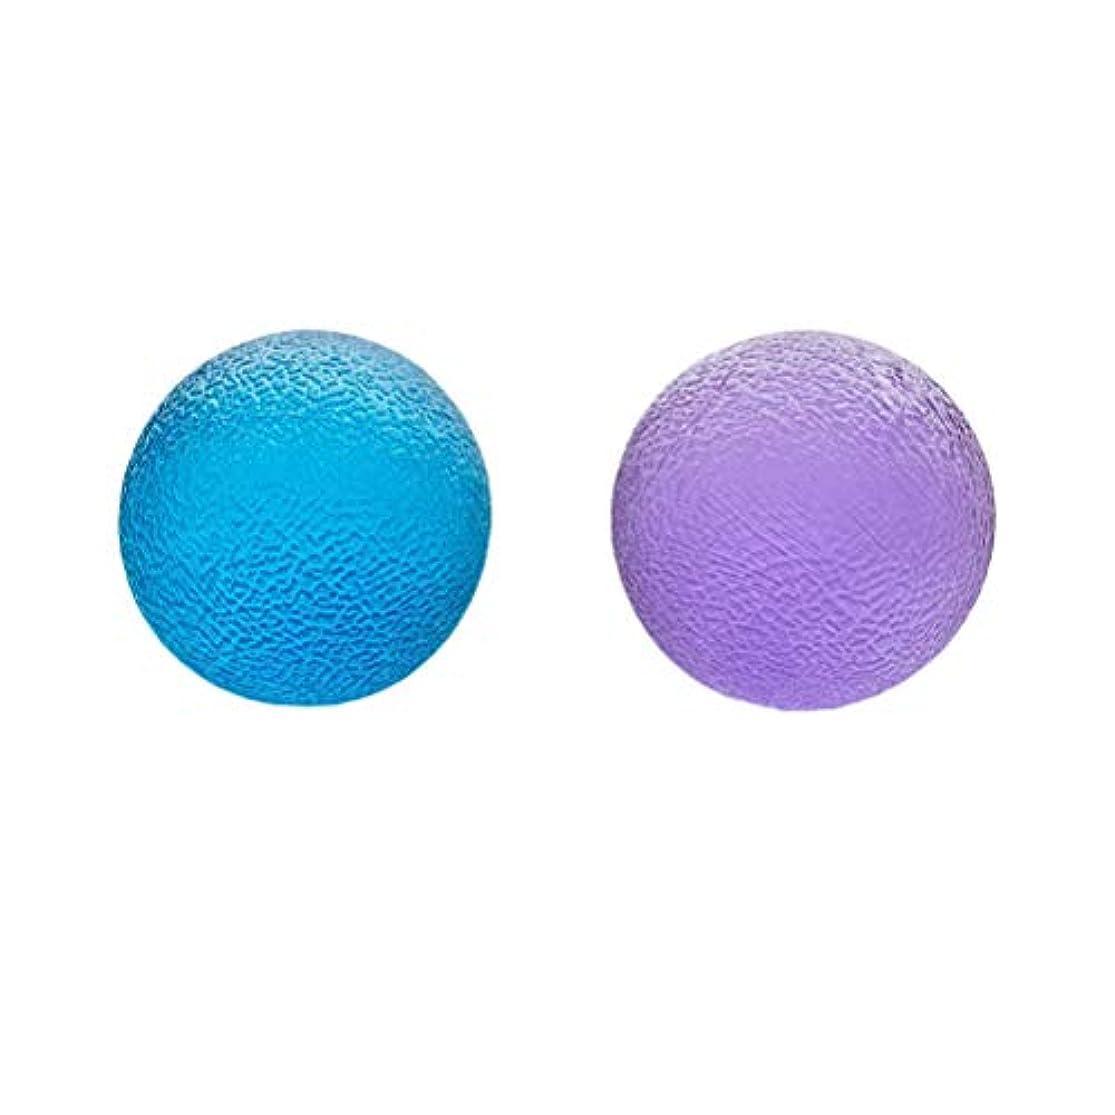 床を掃除するデュアル焦げHealifty ハンドストレスボールセラピーボールストレス解消のためにハンドグリップボールを絞る関節炎の痛みを軽減するセラピー強化治療2個(青と紫)